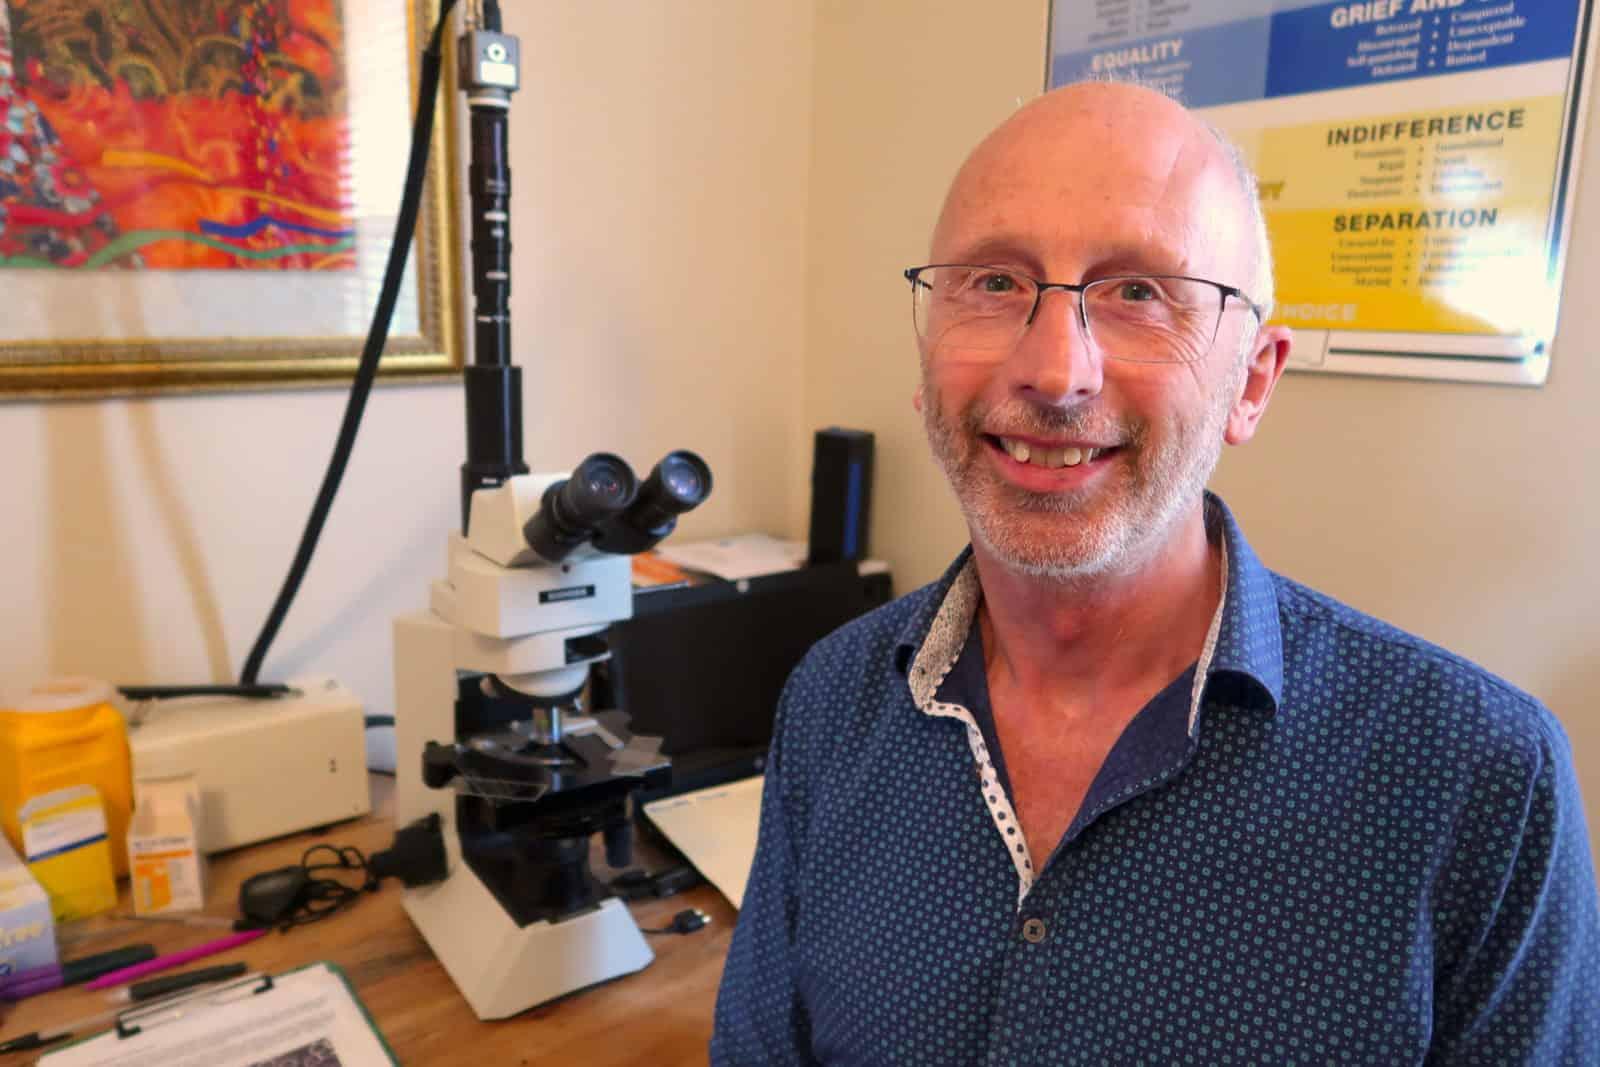 peter at his biomedx desk